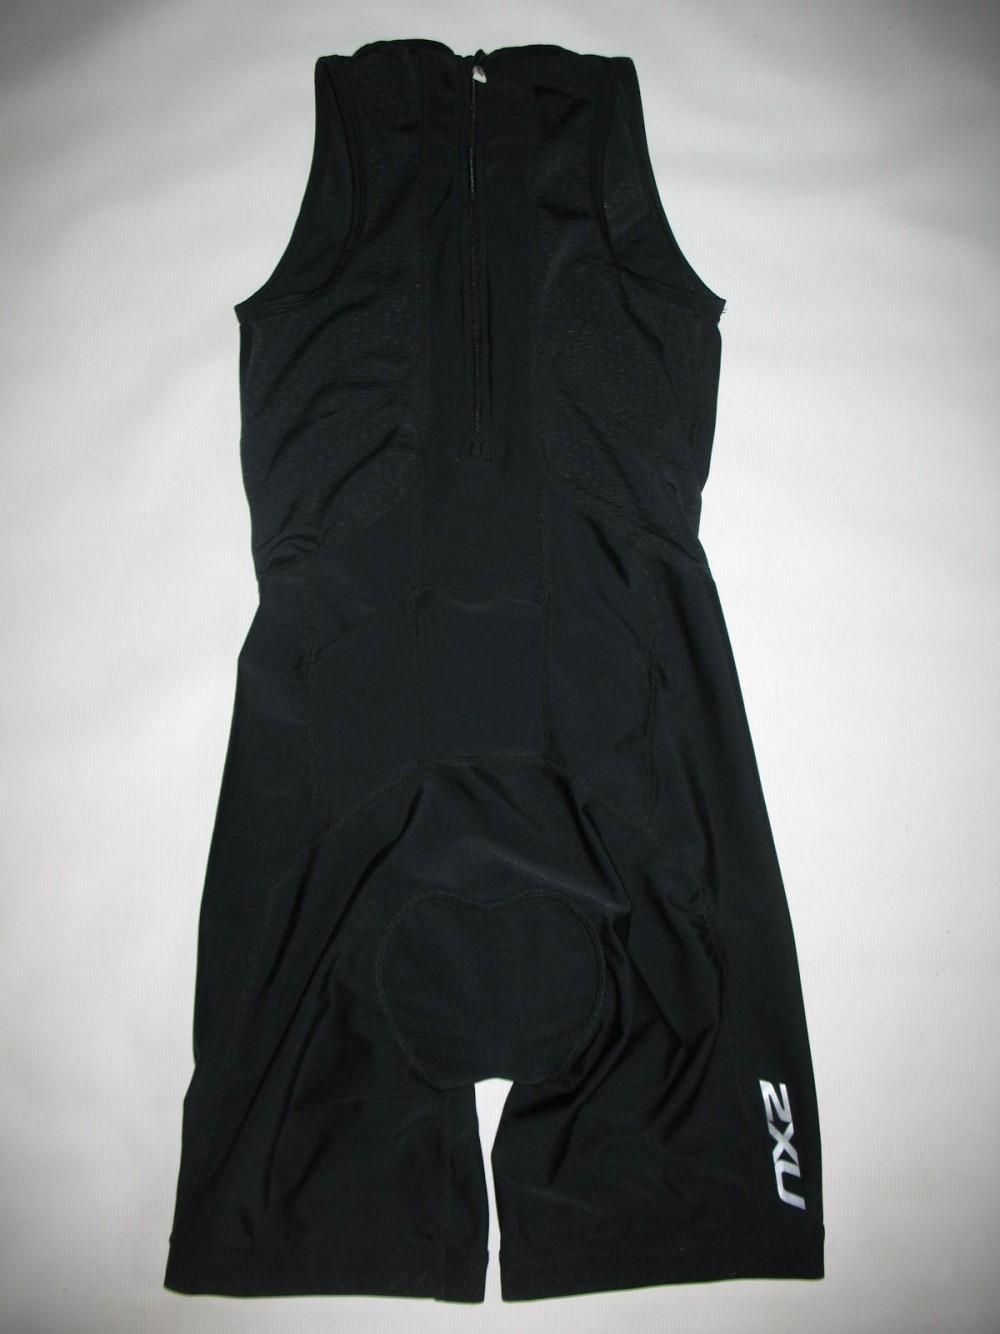 Костюм для триатлона 2XU perform trisuit lady (размер S) - 7